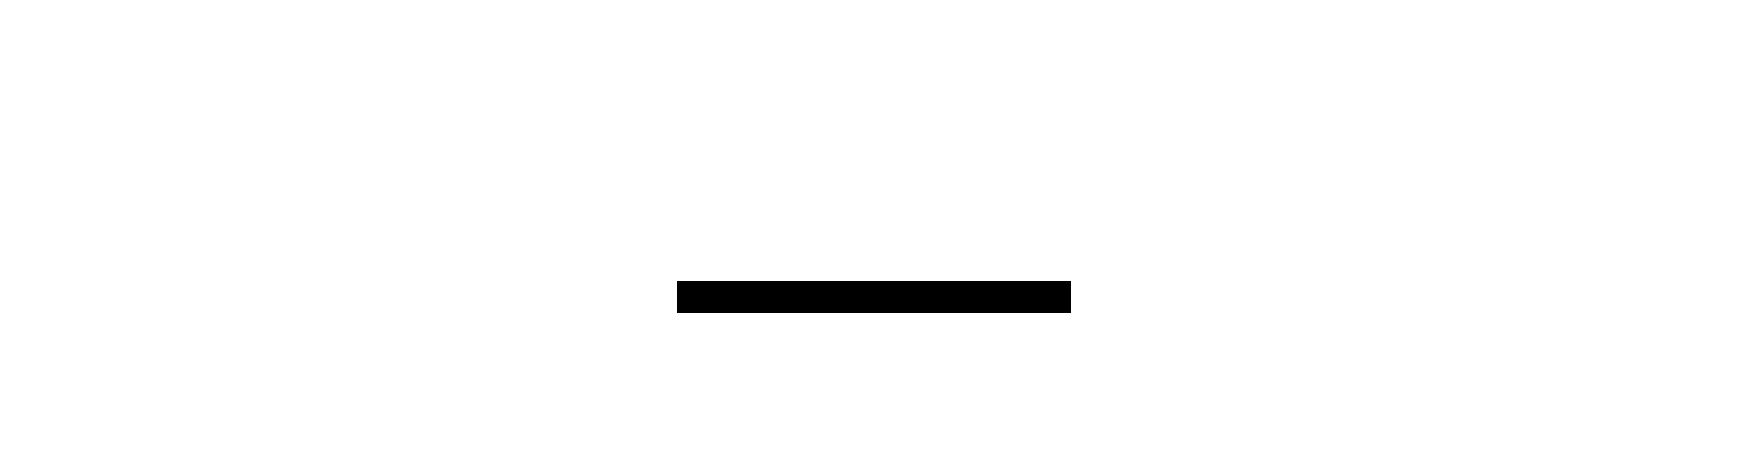 LepageIllus-copie-9